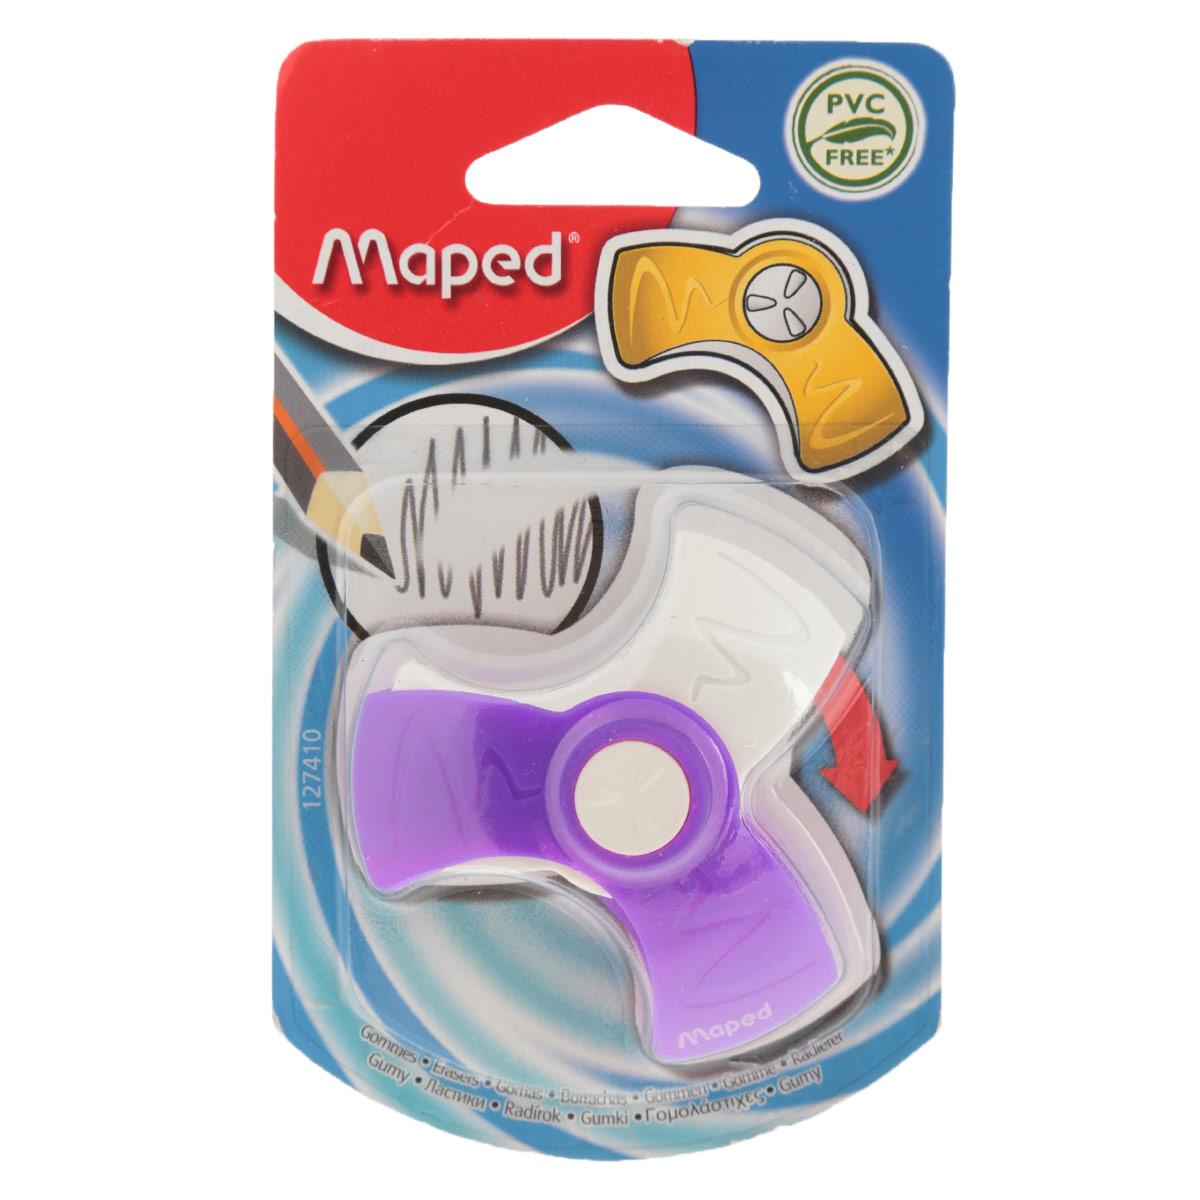 Ластик Maped Spin, цвет: сиреневый, белый72523WDОригинальный ластик Spin в поворотном защитном футляре из пластика. Легко удаляет следы чернографитных карандашей, а футляр защищает ластик от загрязнений и увеличивает его срок службы. Обеспечивает высокое качество коррекции, не повреждая поверхность бумаги, не оставляя следов. Не содержит ПВХ.